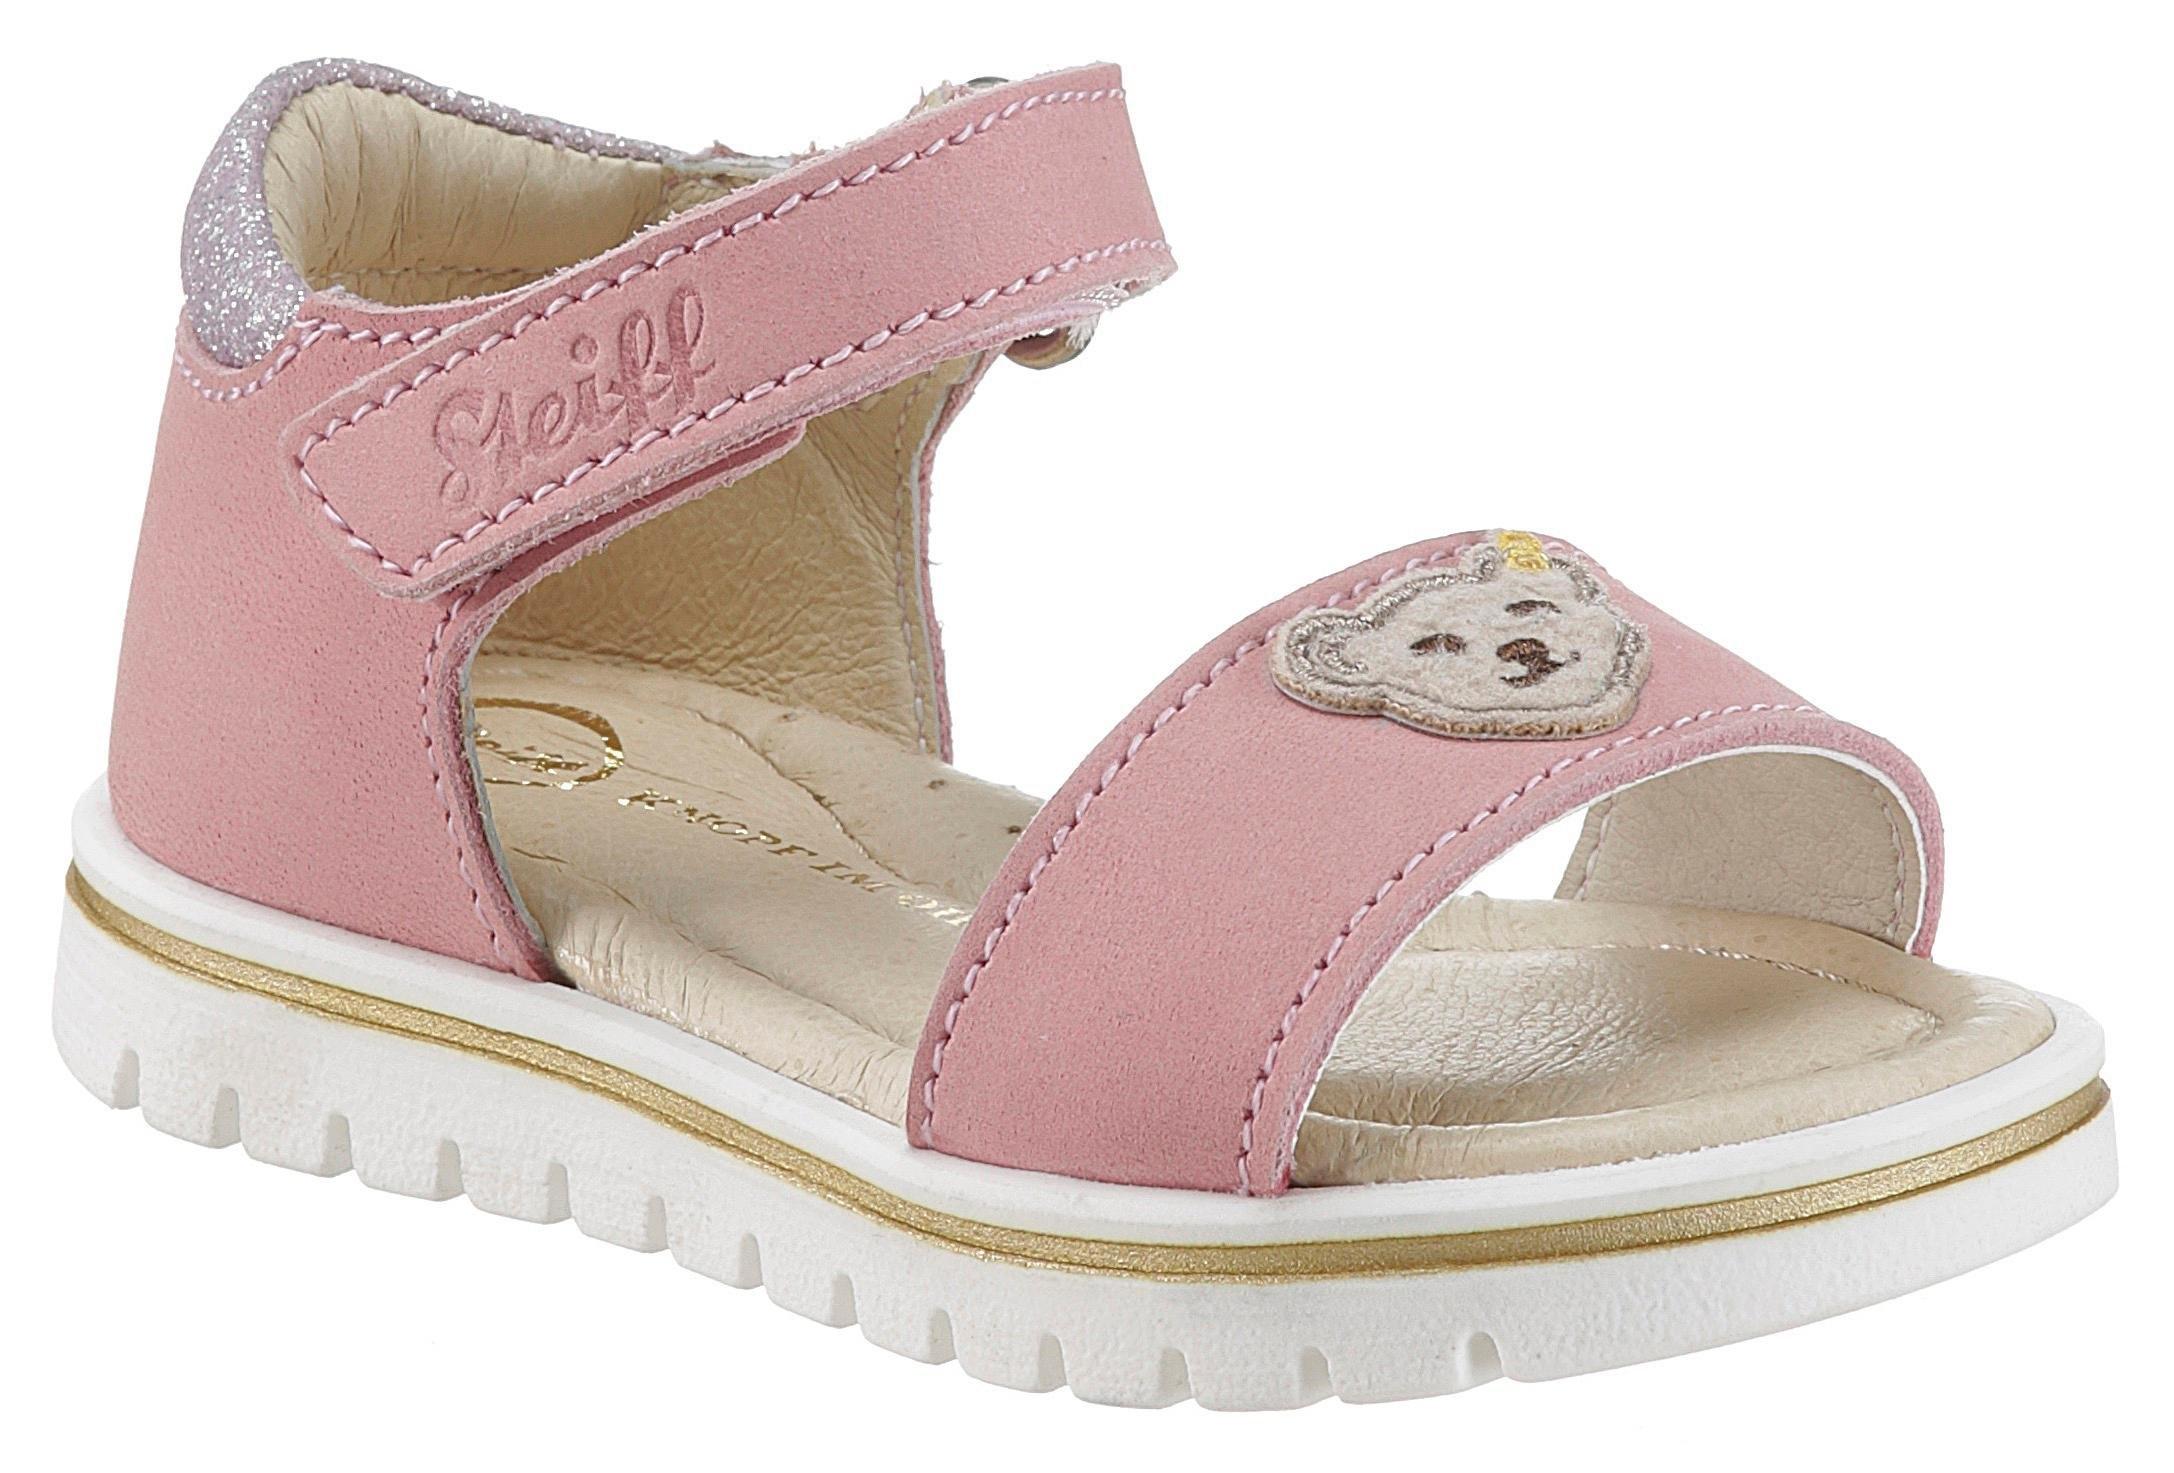 Meisjes Kinderschoenen.Kinderschoenen Online Kopen Grote Collectie Otto